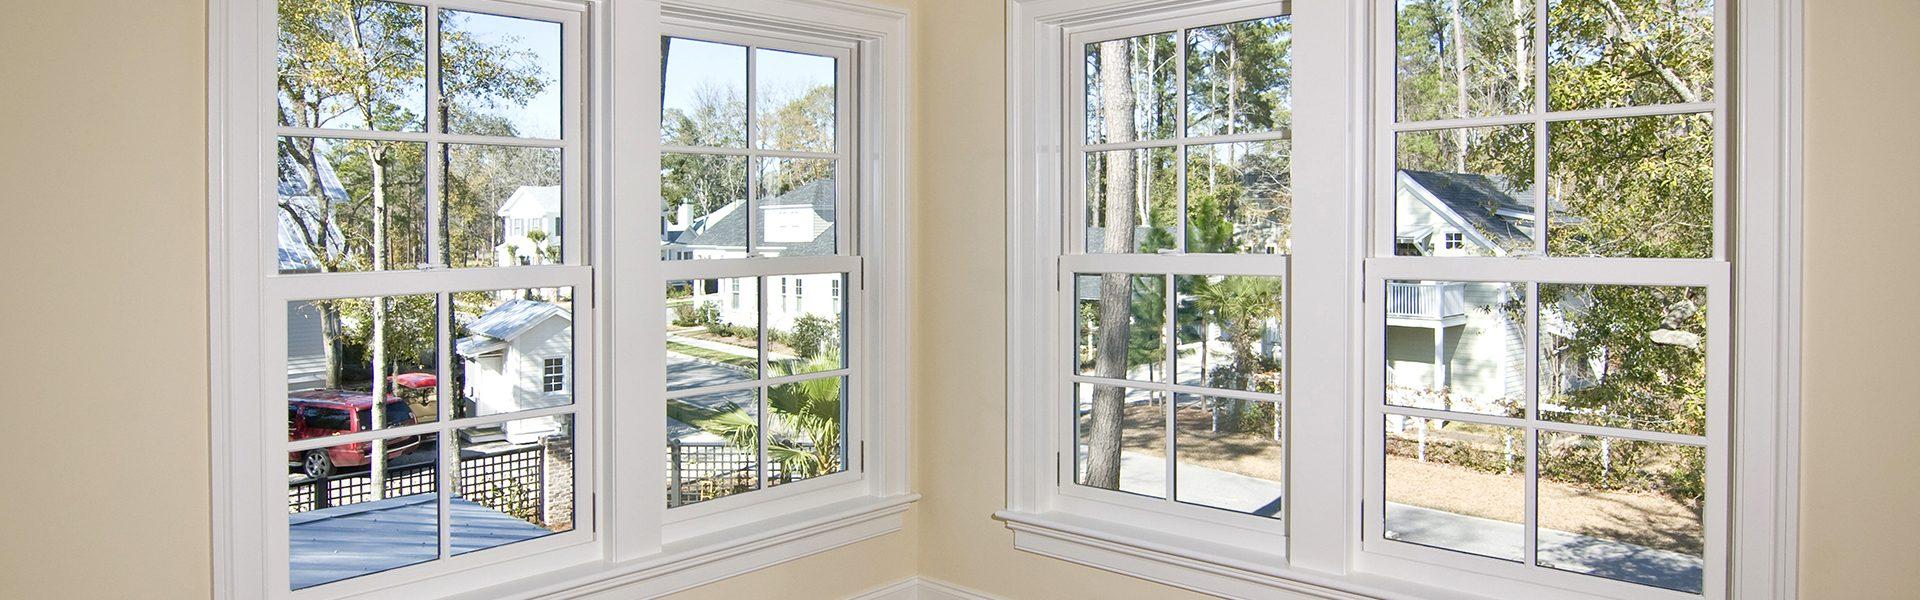 double glazing cost farnborough